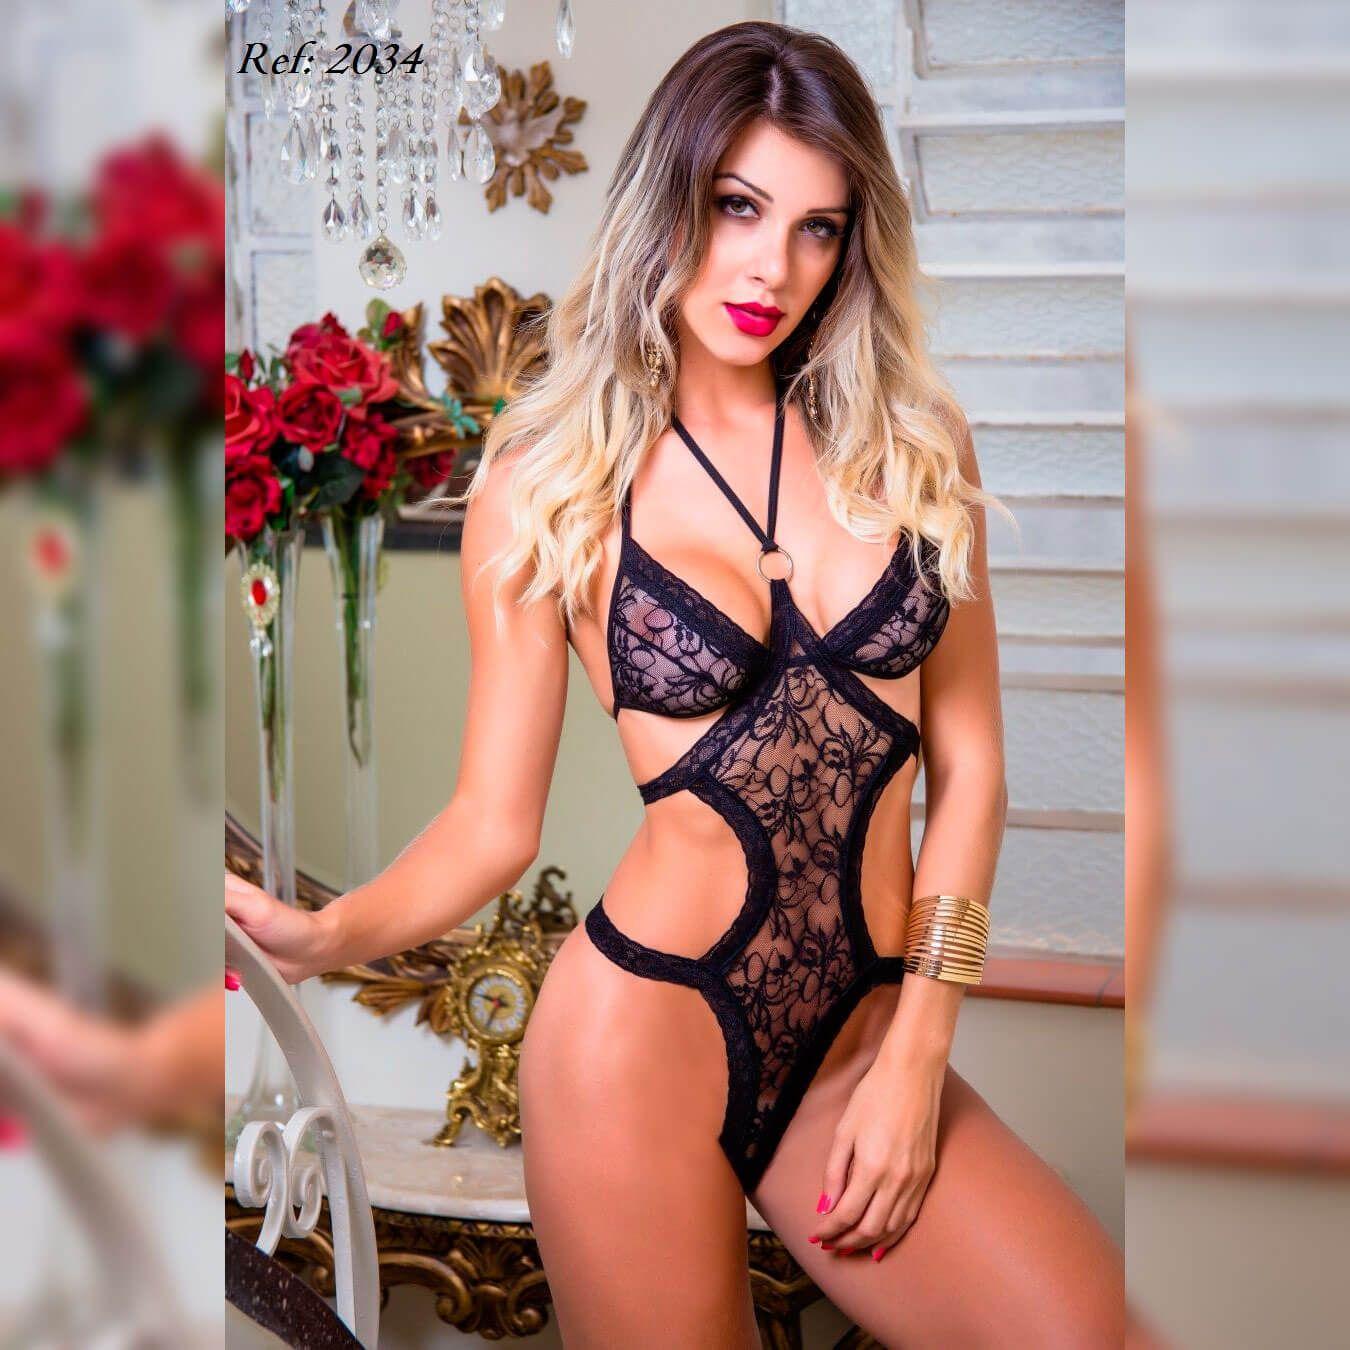 Fantasia feminina body pantera sensual